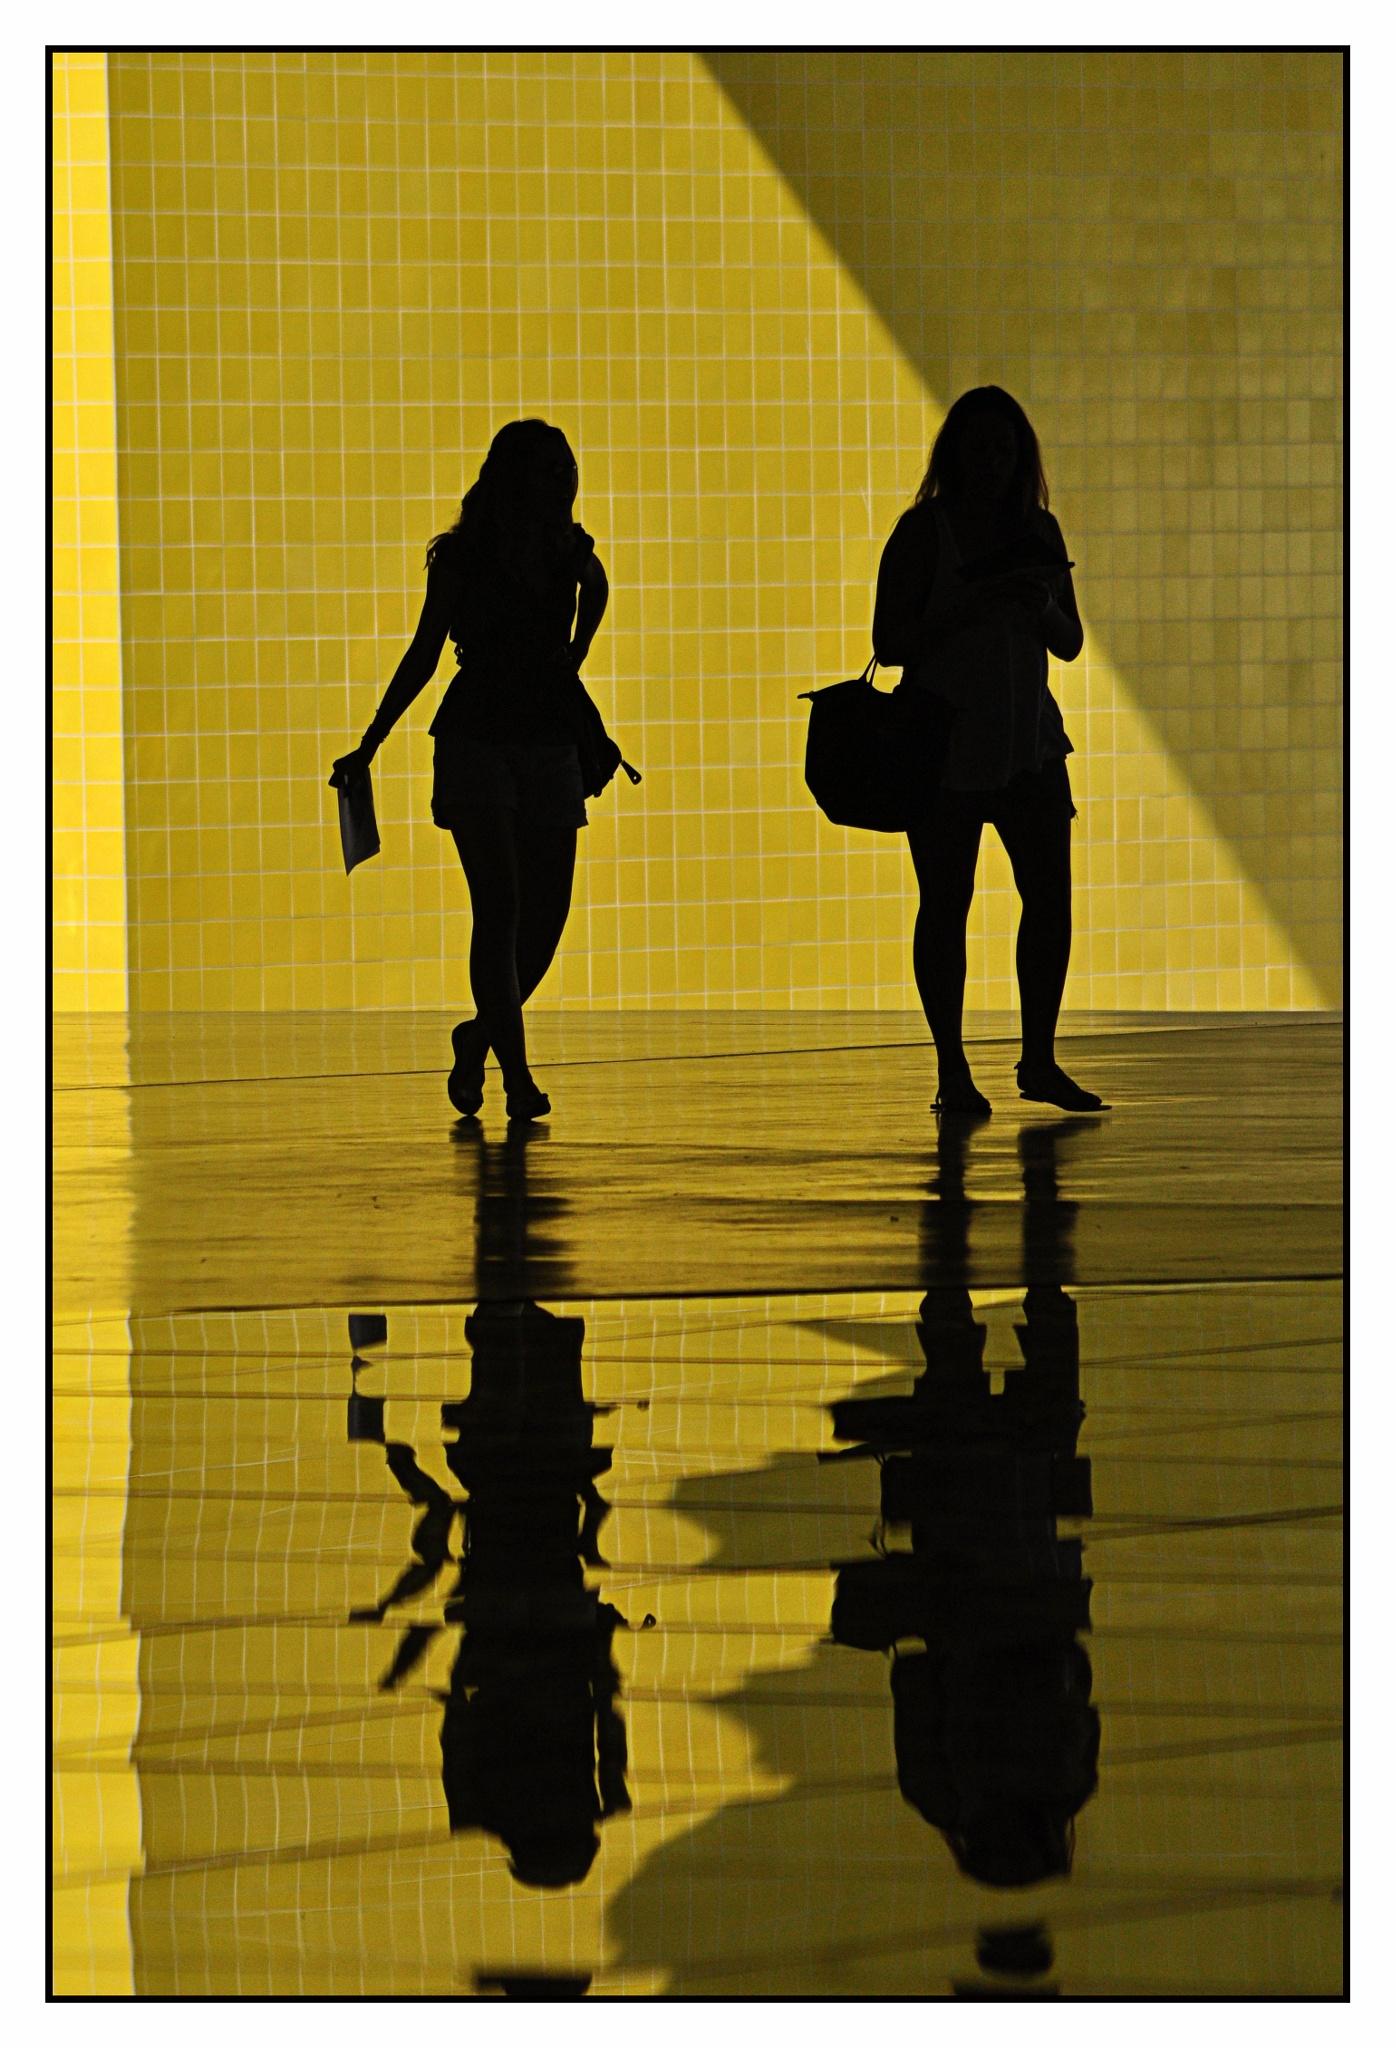 Mulheres by José Evaldo Suassuna de Oliveira